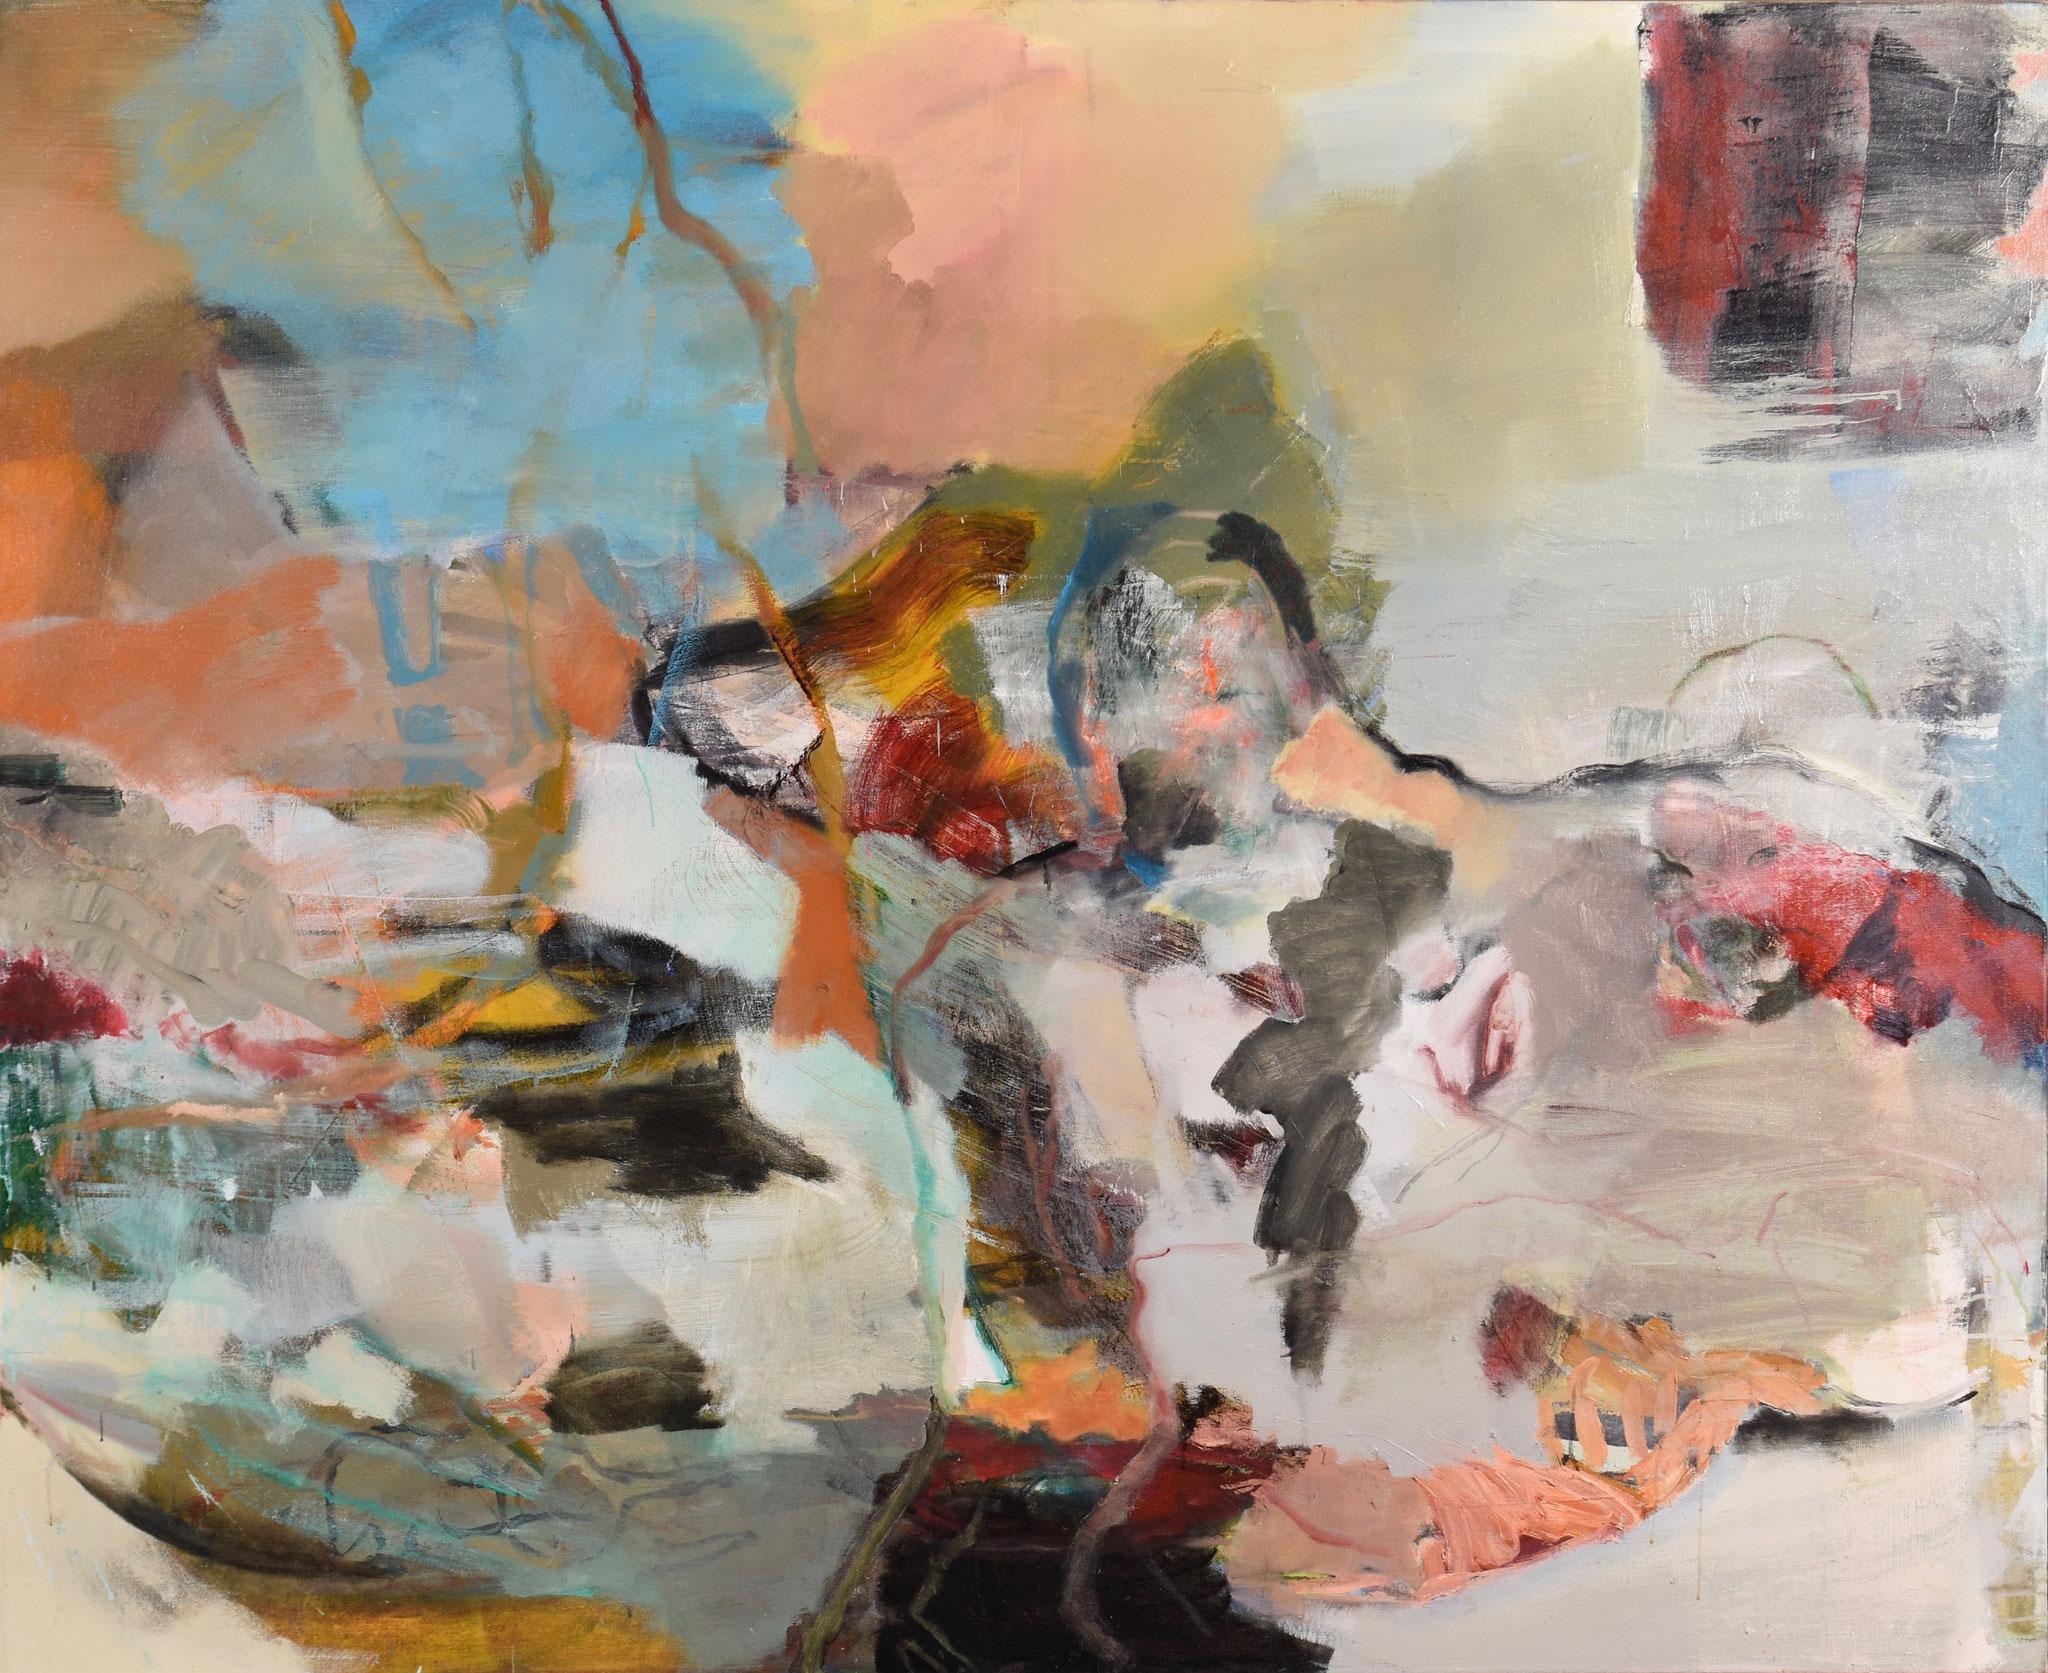 48  |  Ohne Titel  |  2018  |  Öl auf Leinwand  |  160 x 195 cm